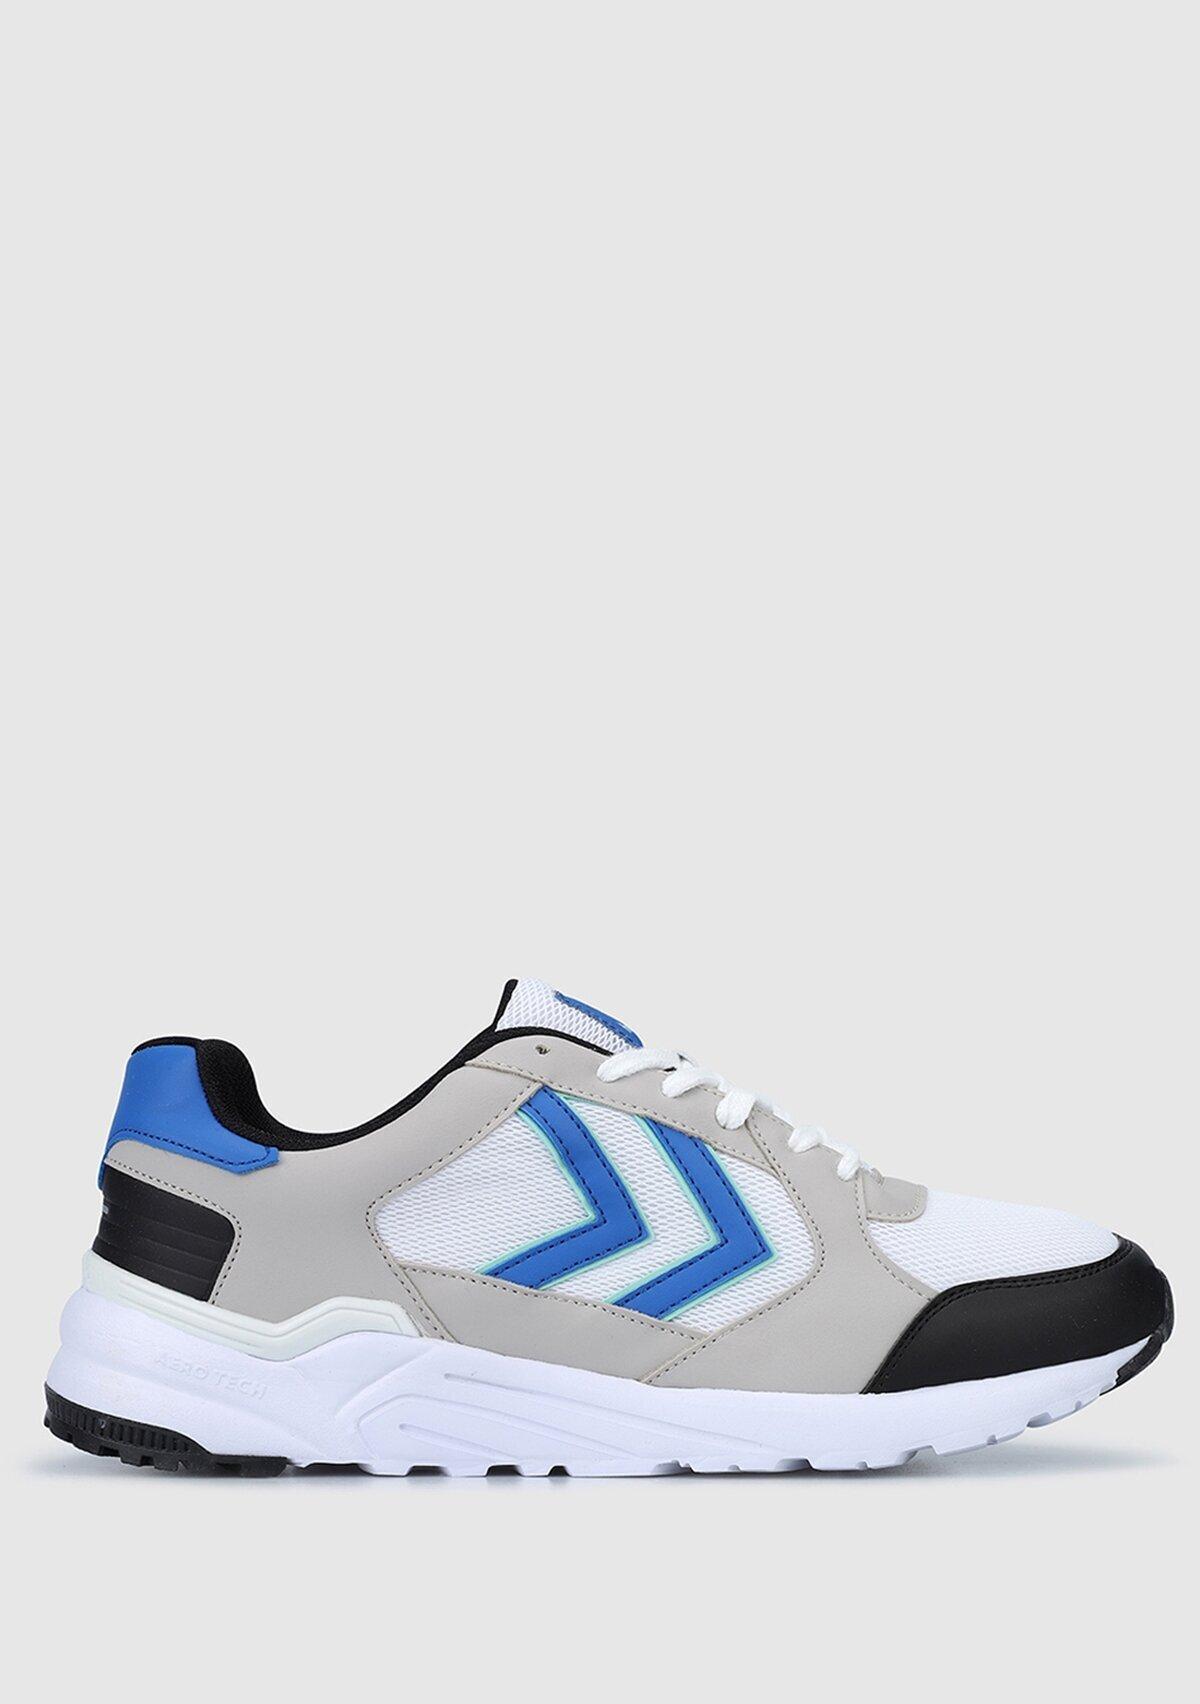 resm Hmlpayton Aerotech Sneaker Beyaz Unisex Sneaker 21